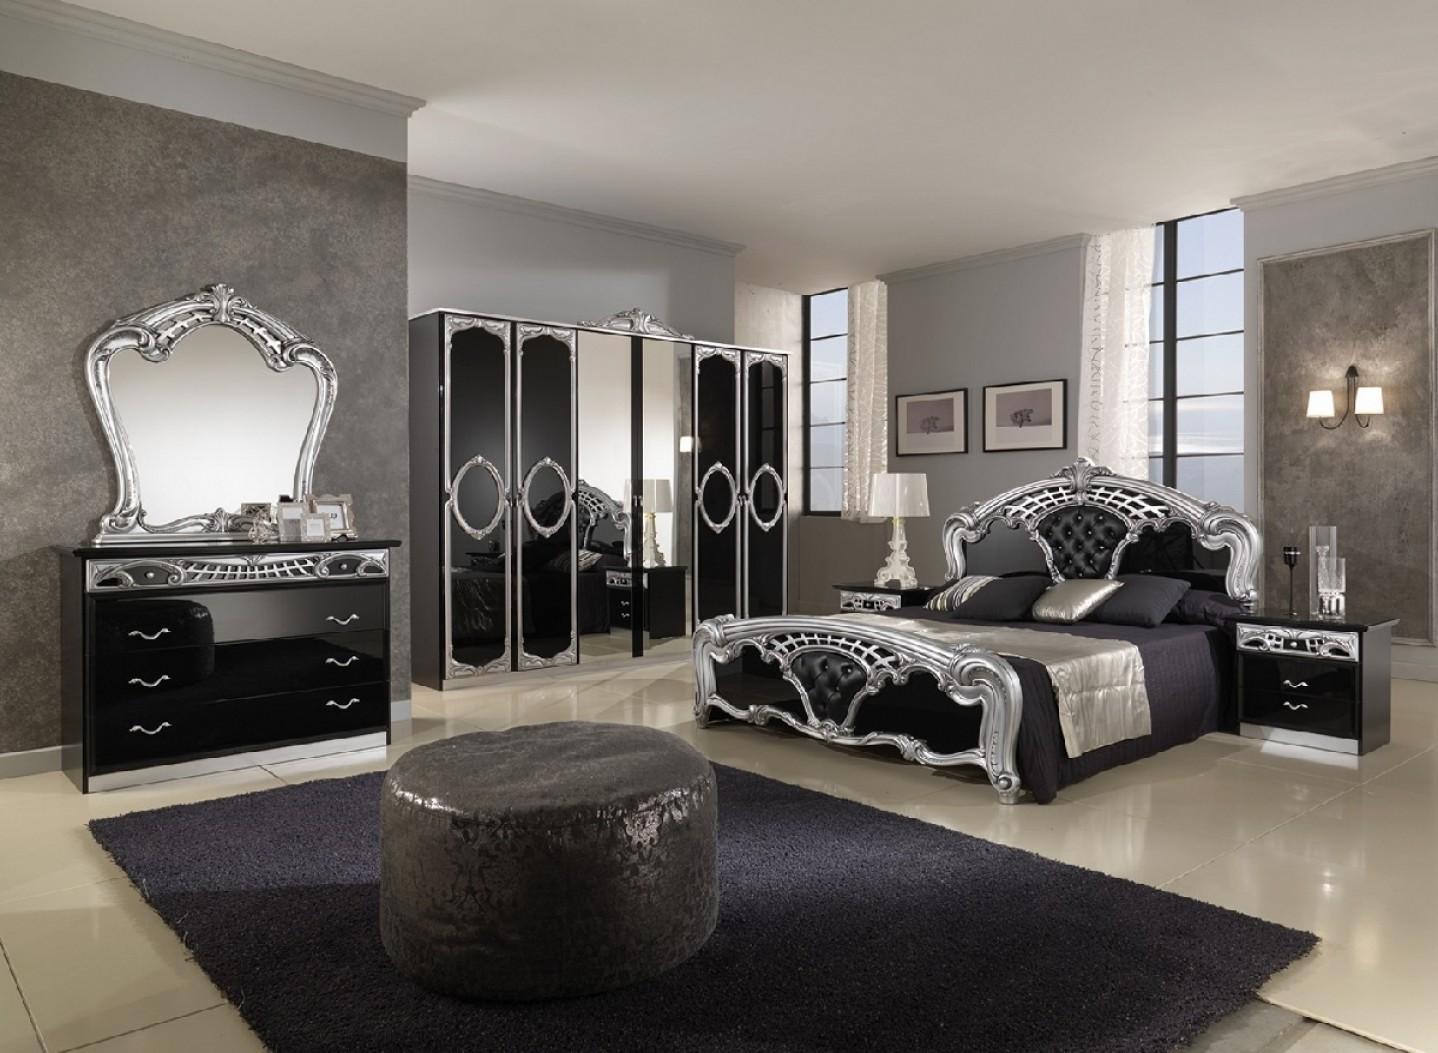 Зеркальный черный мебельный гарнитур в неоклассическом стиле